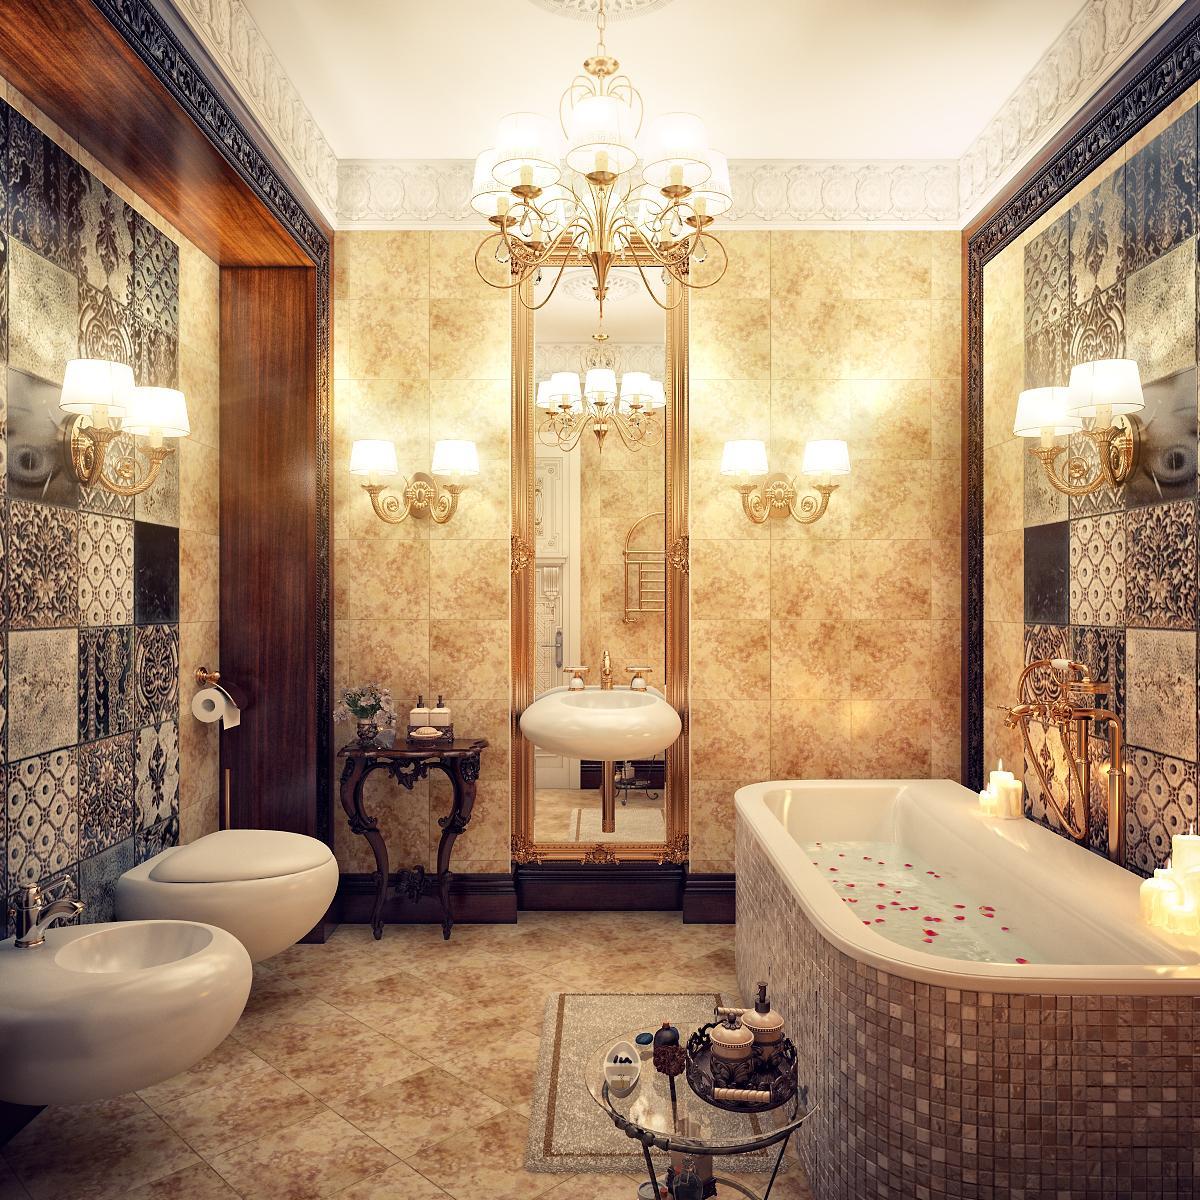 Top 3 xu hướng thiết kế phòng tắm 2021 đặc biệt ấn tượng - Ảnh 4.